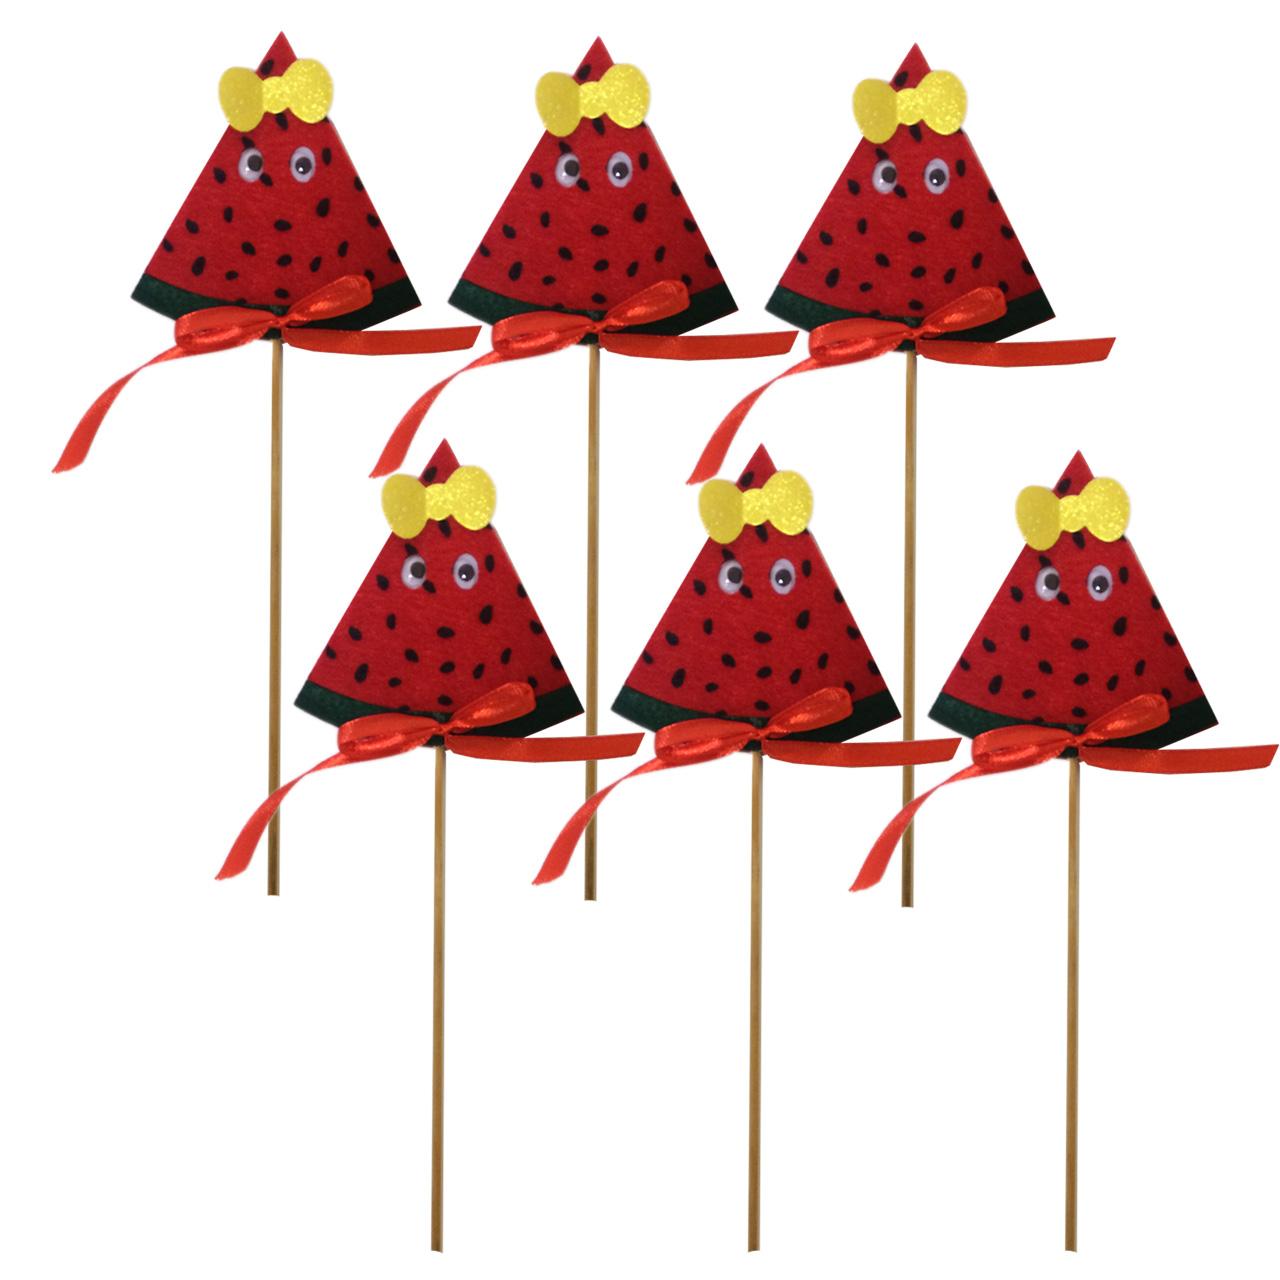 عکس تاپر هندوانه شب یلدا مدل Yalda Watermelon مجموعه 6عددی